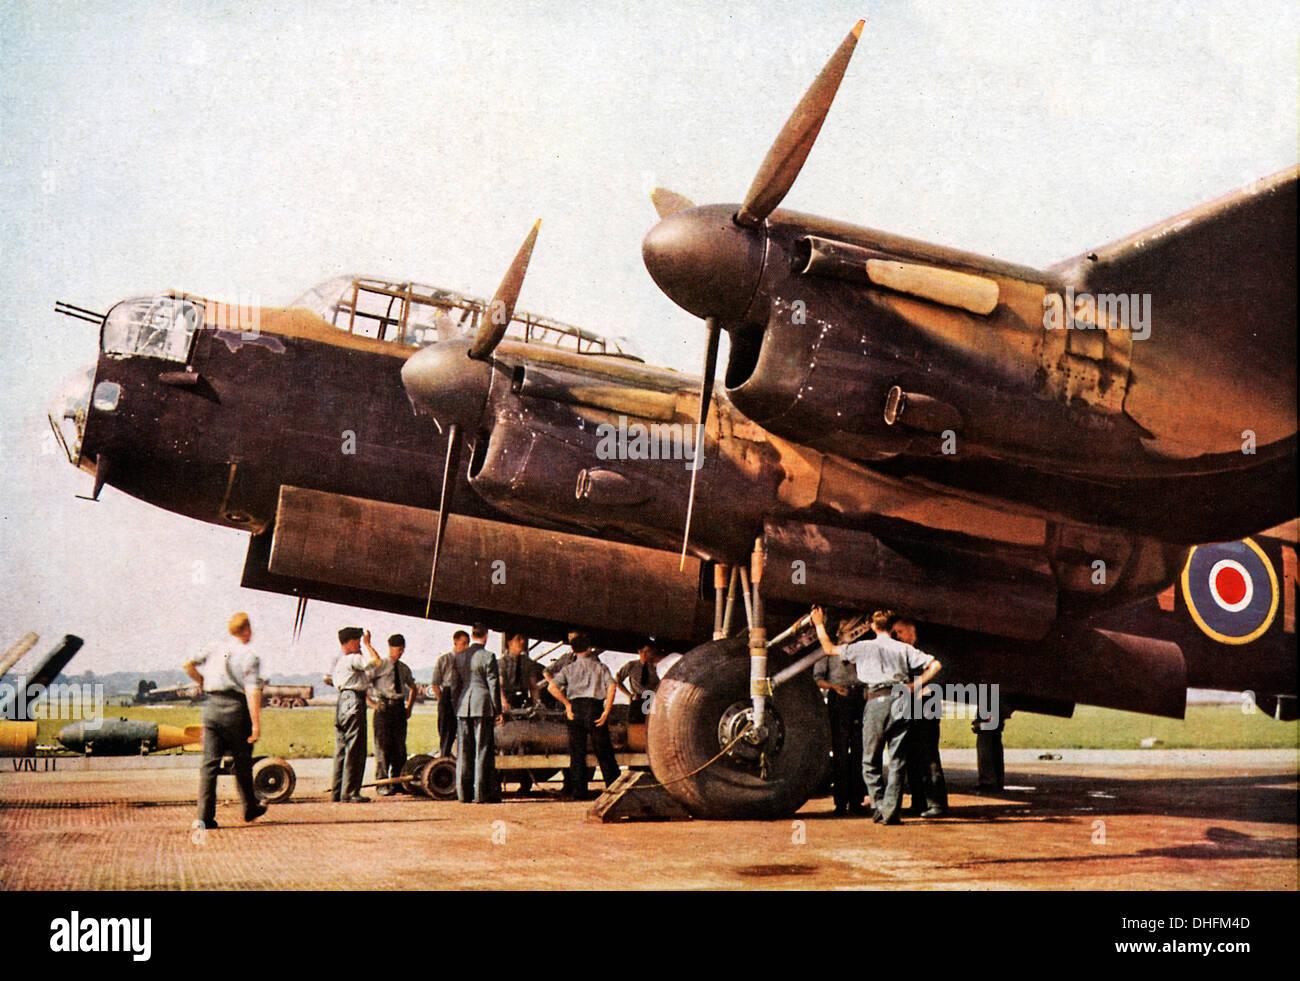 Caricamento di un bombardiere Lancaster, 1942 foto a colori dell'iconico RAF bombardiere pesante bombardamento up Foto Stock